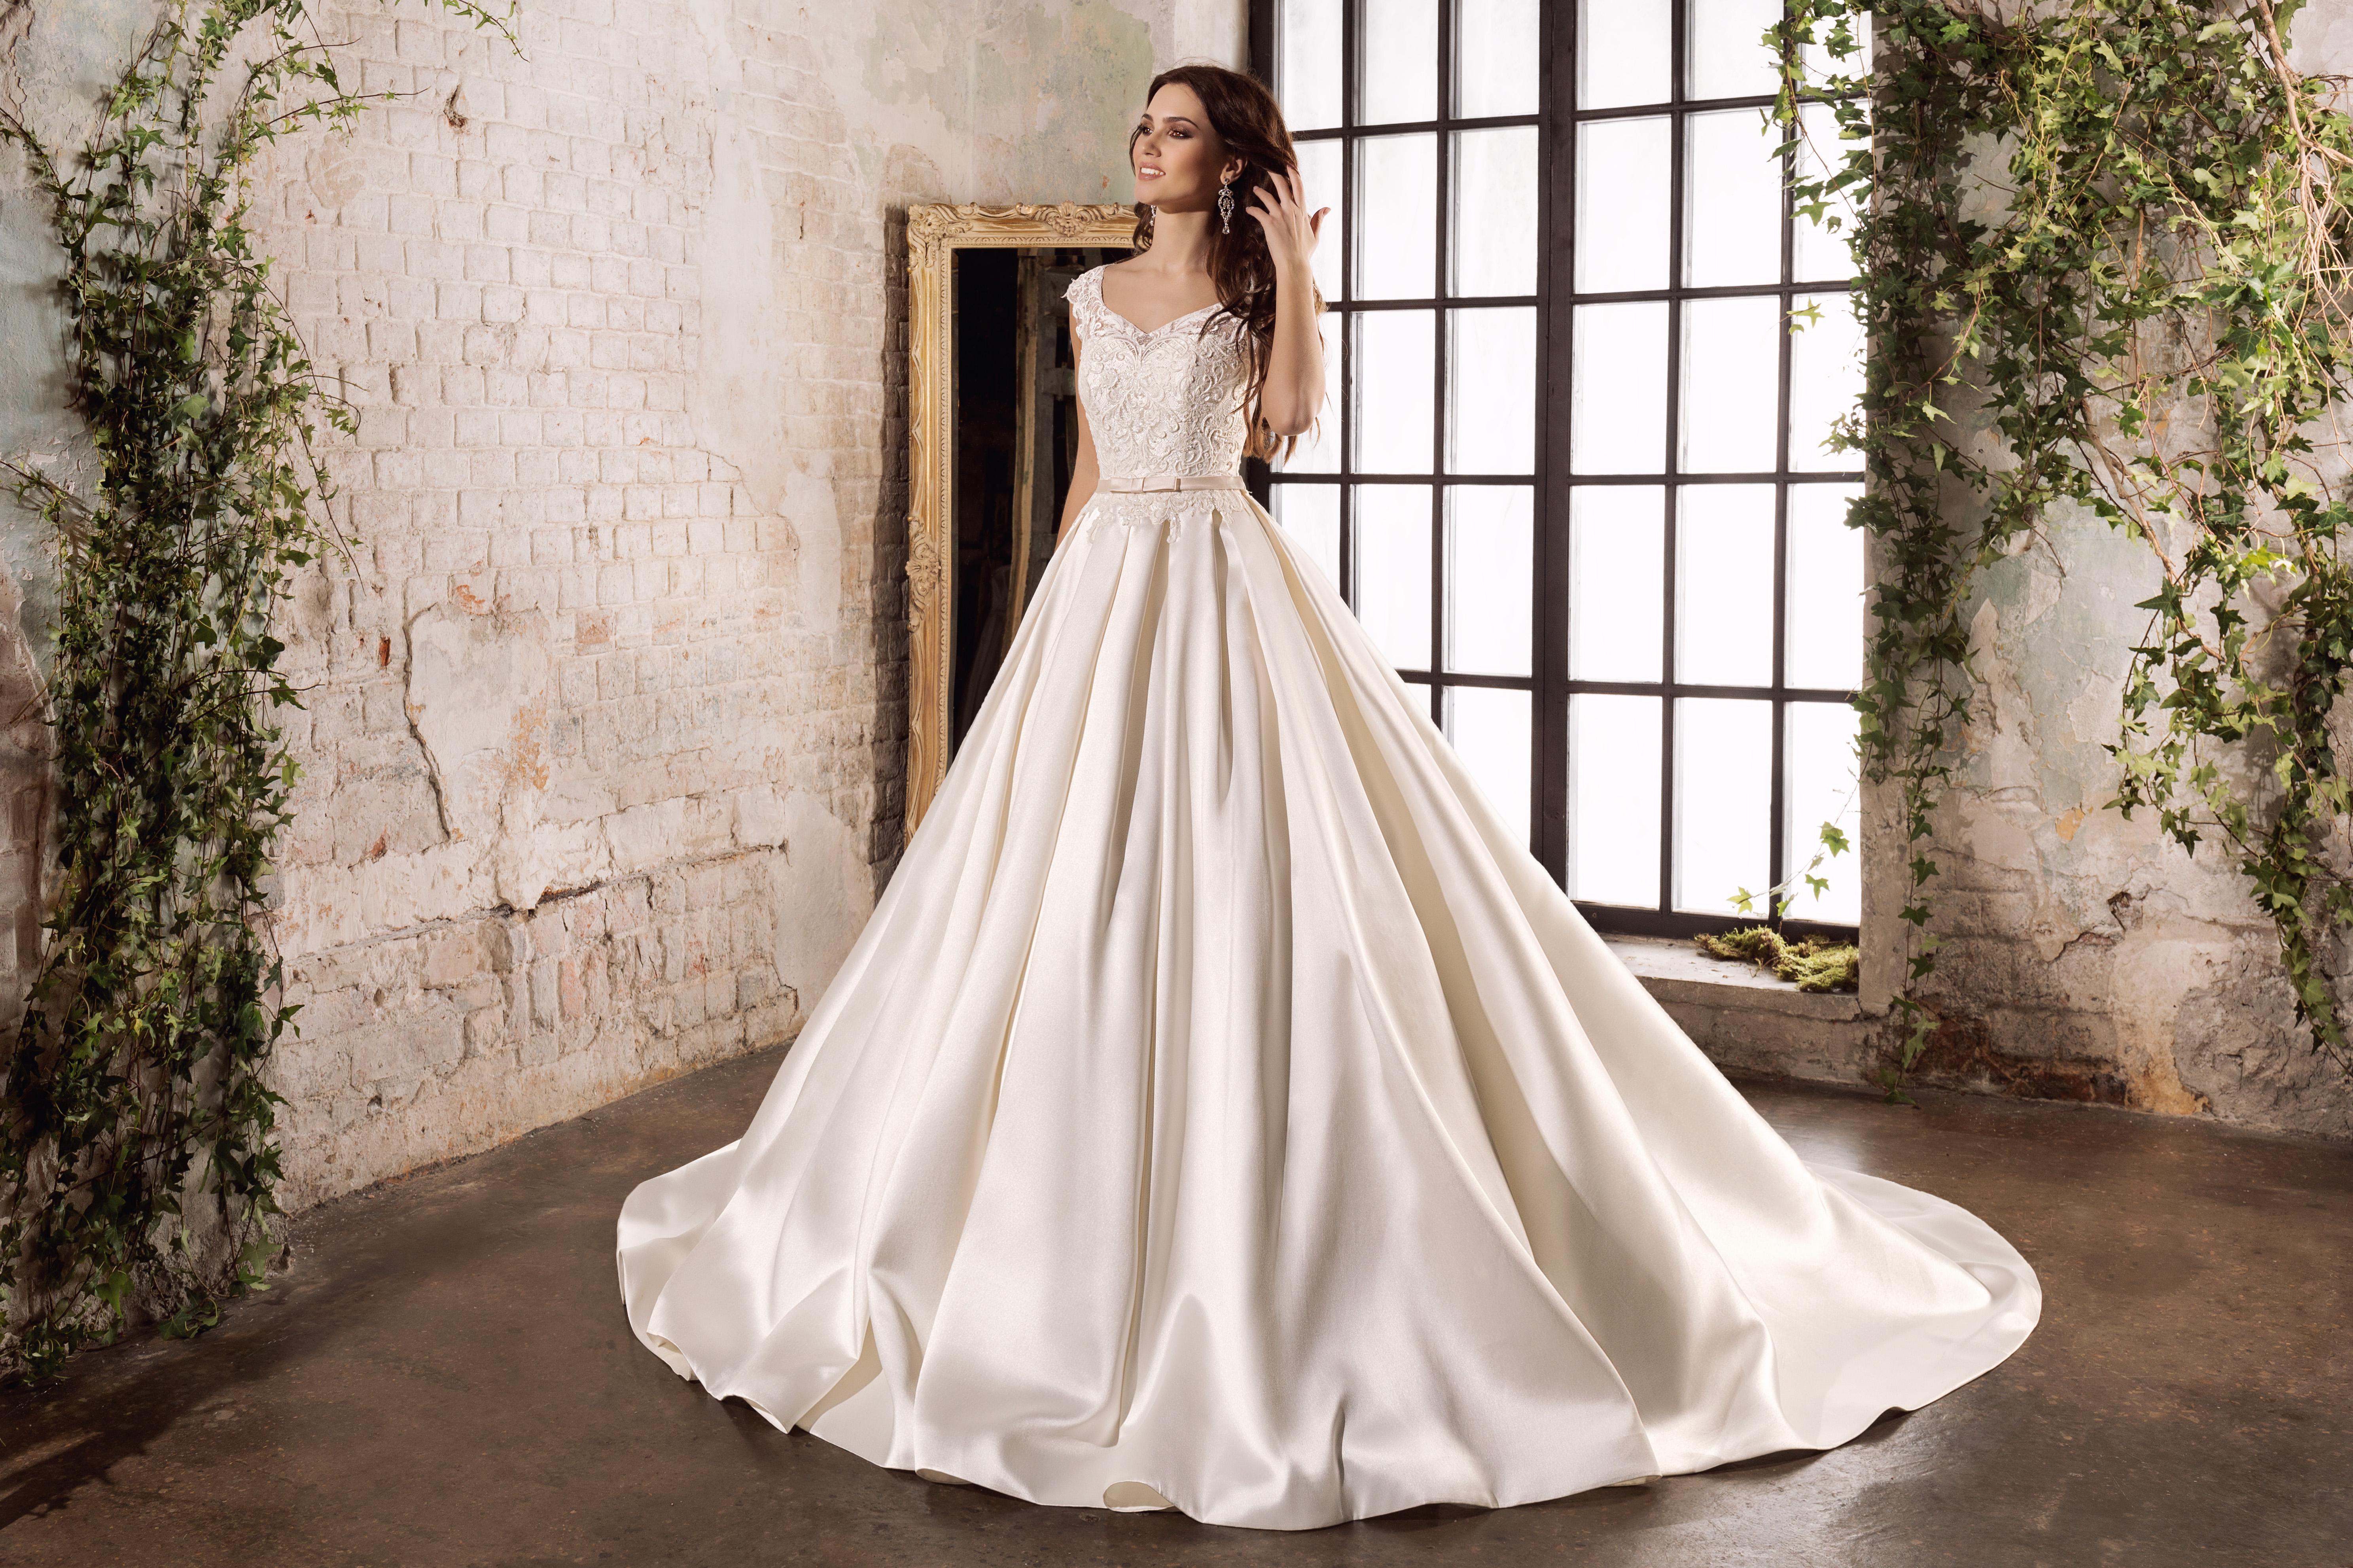 65fee12f9634a95 Купить свадебное платье А силуэт хотят многие современные невесты, потому  что такой наряд считается наиболее традиционным для незабываемой свадьбы.